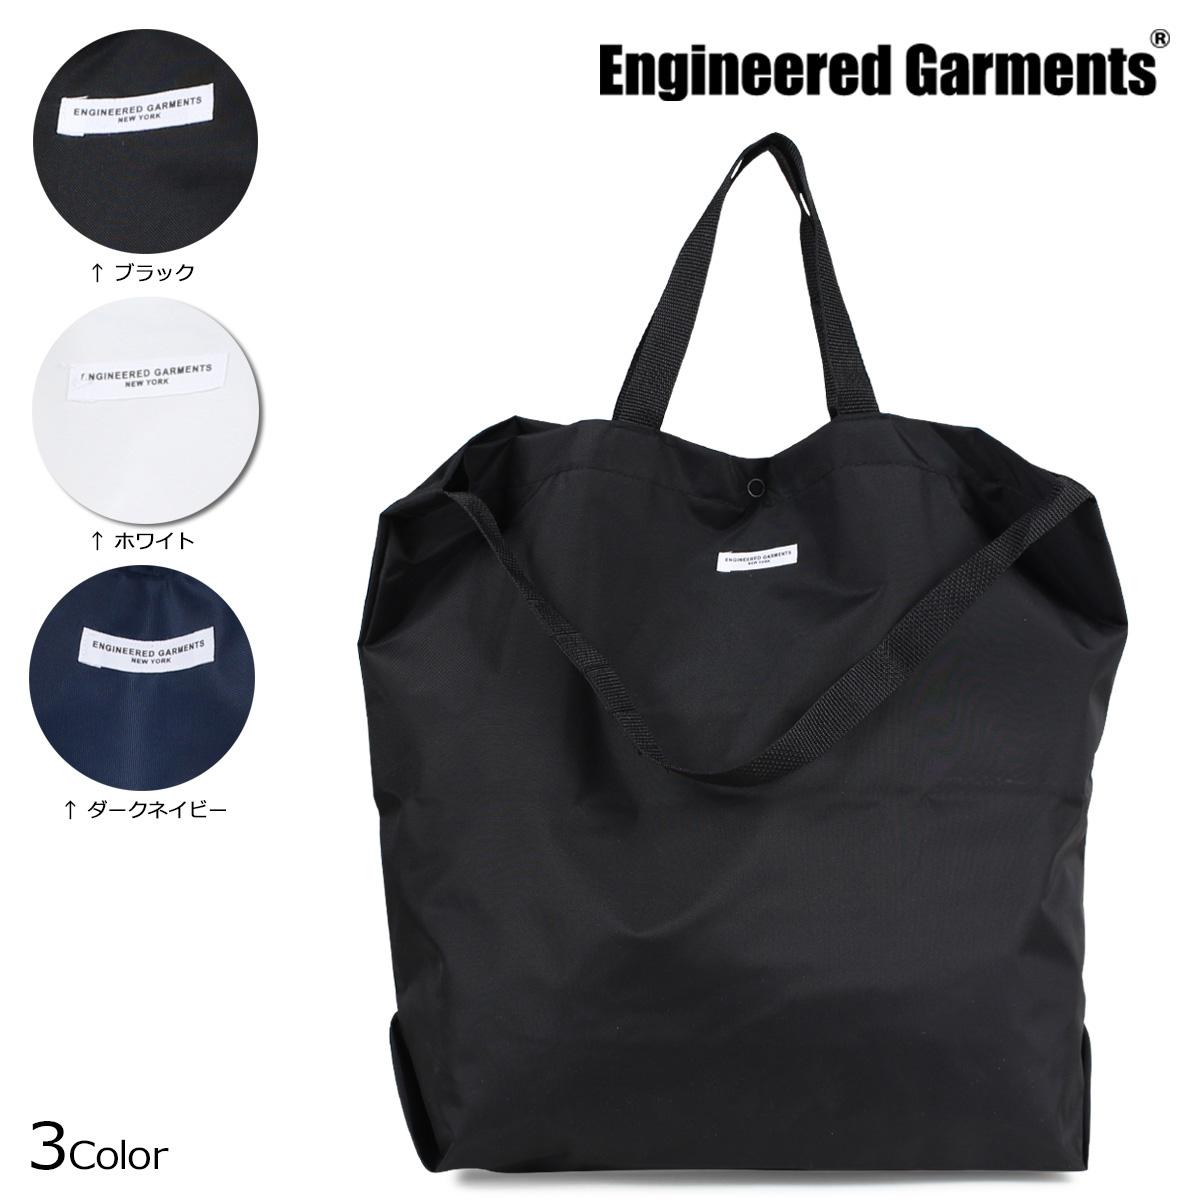 エンジニアド ガーメンツ ENGINEERED GARMENTS バッグ メンズ レディース トートバッグ ショルダー CARRY ALL TOTE ブラック ホワイト ネイビー